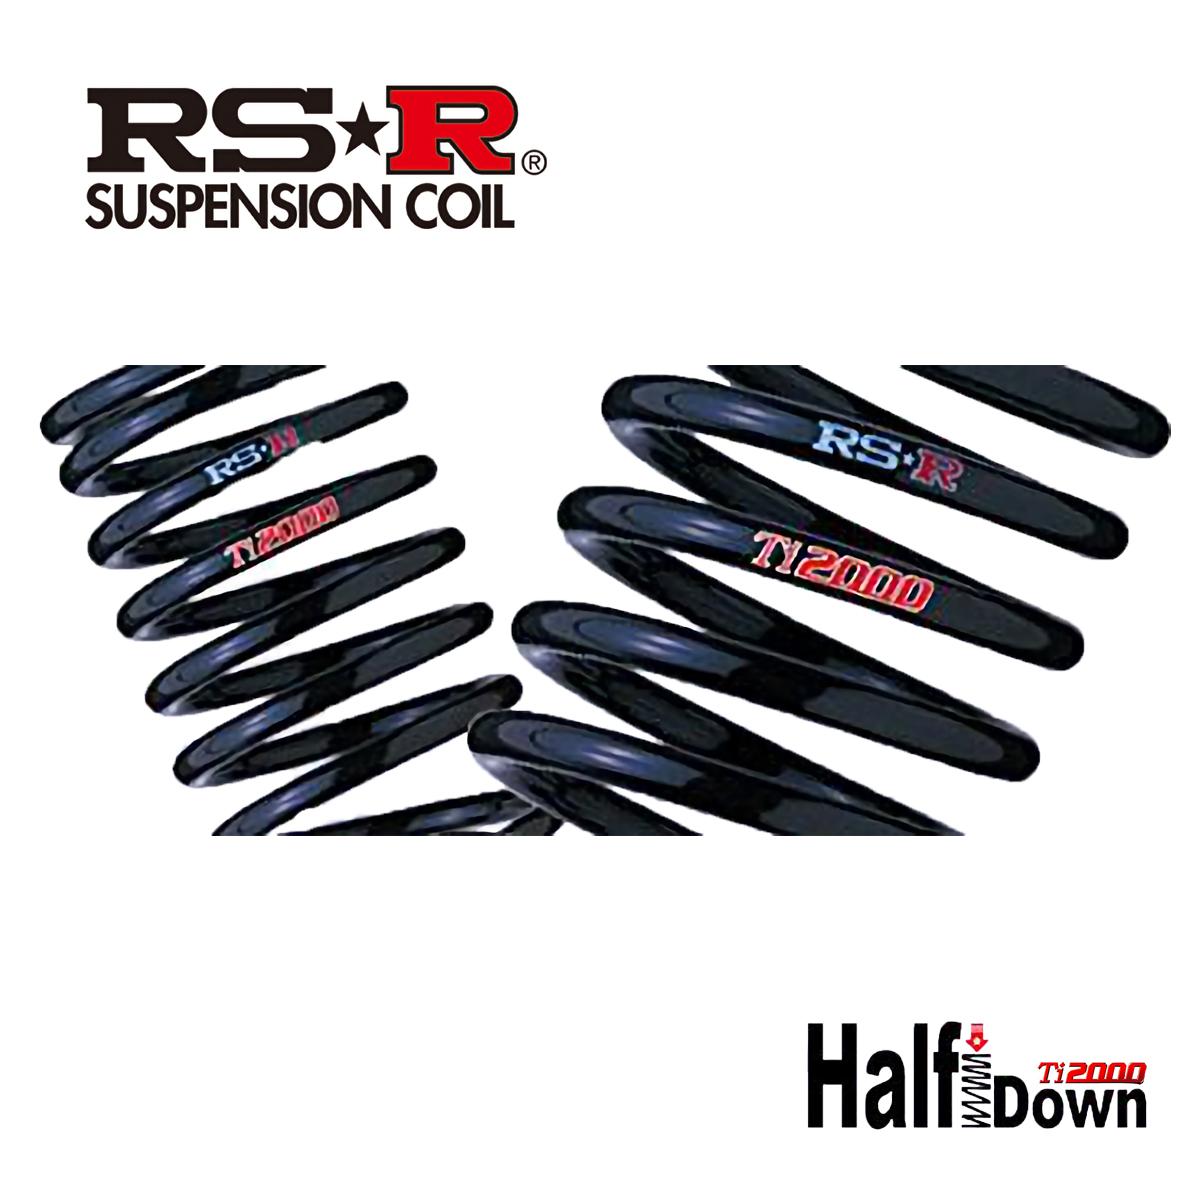 RS-R ステップワゴンスパーダ スパーダクールスピリット RP4 ダウンサス スプリング 1台分 H785TW Ti2000 ダウン RSR 個人宅発送追金有